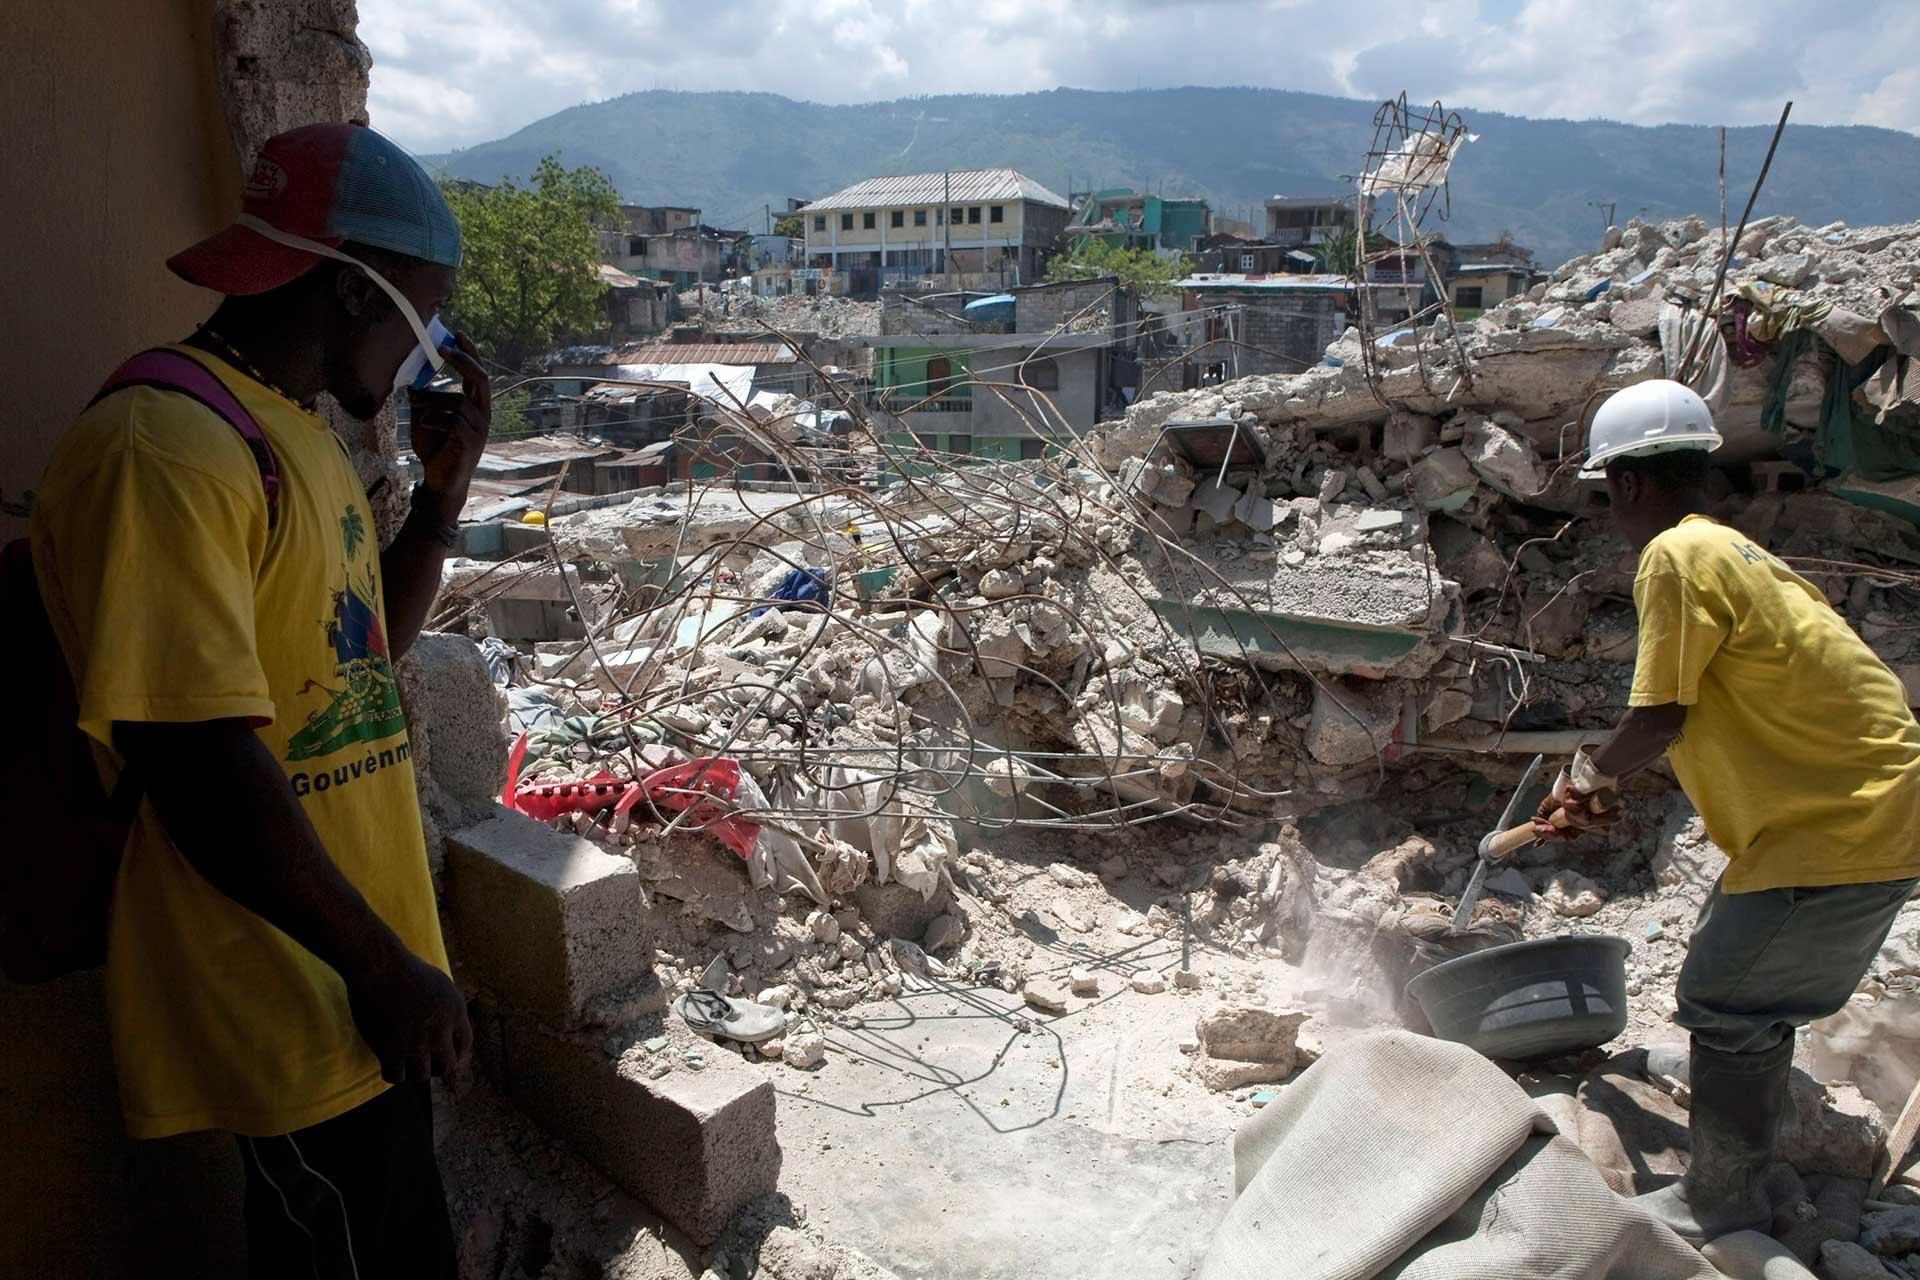 Haití sufre en lo económico y social a 10 años del gran terremoto